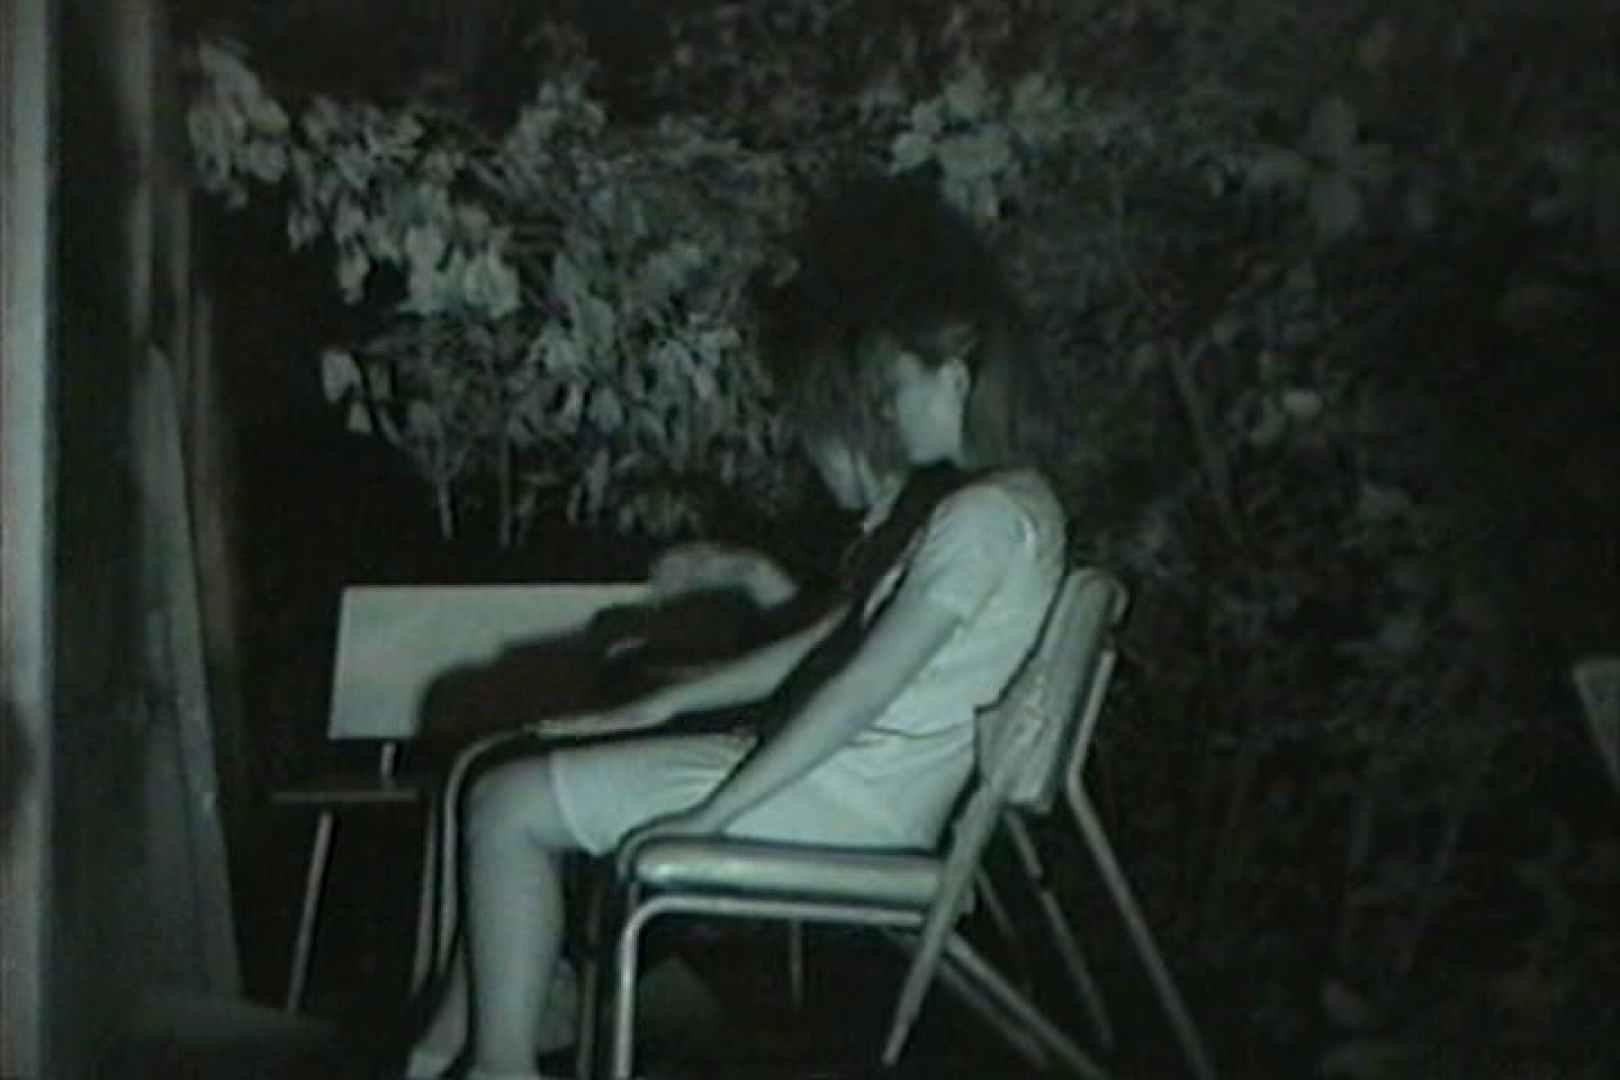 闇の仕掛け人 無修正版 Vol.25 美しいOLの裸体  102pic 48